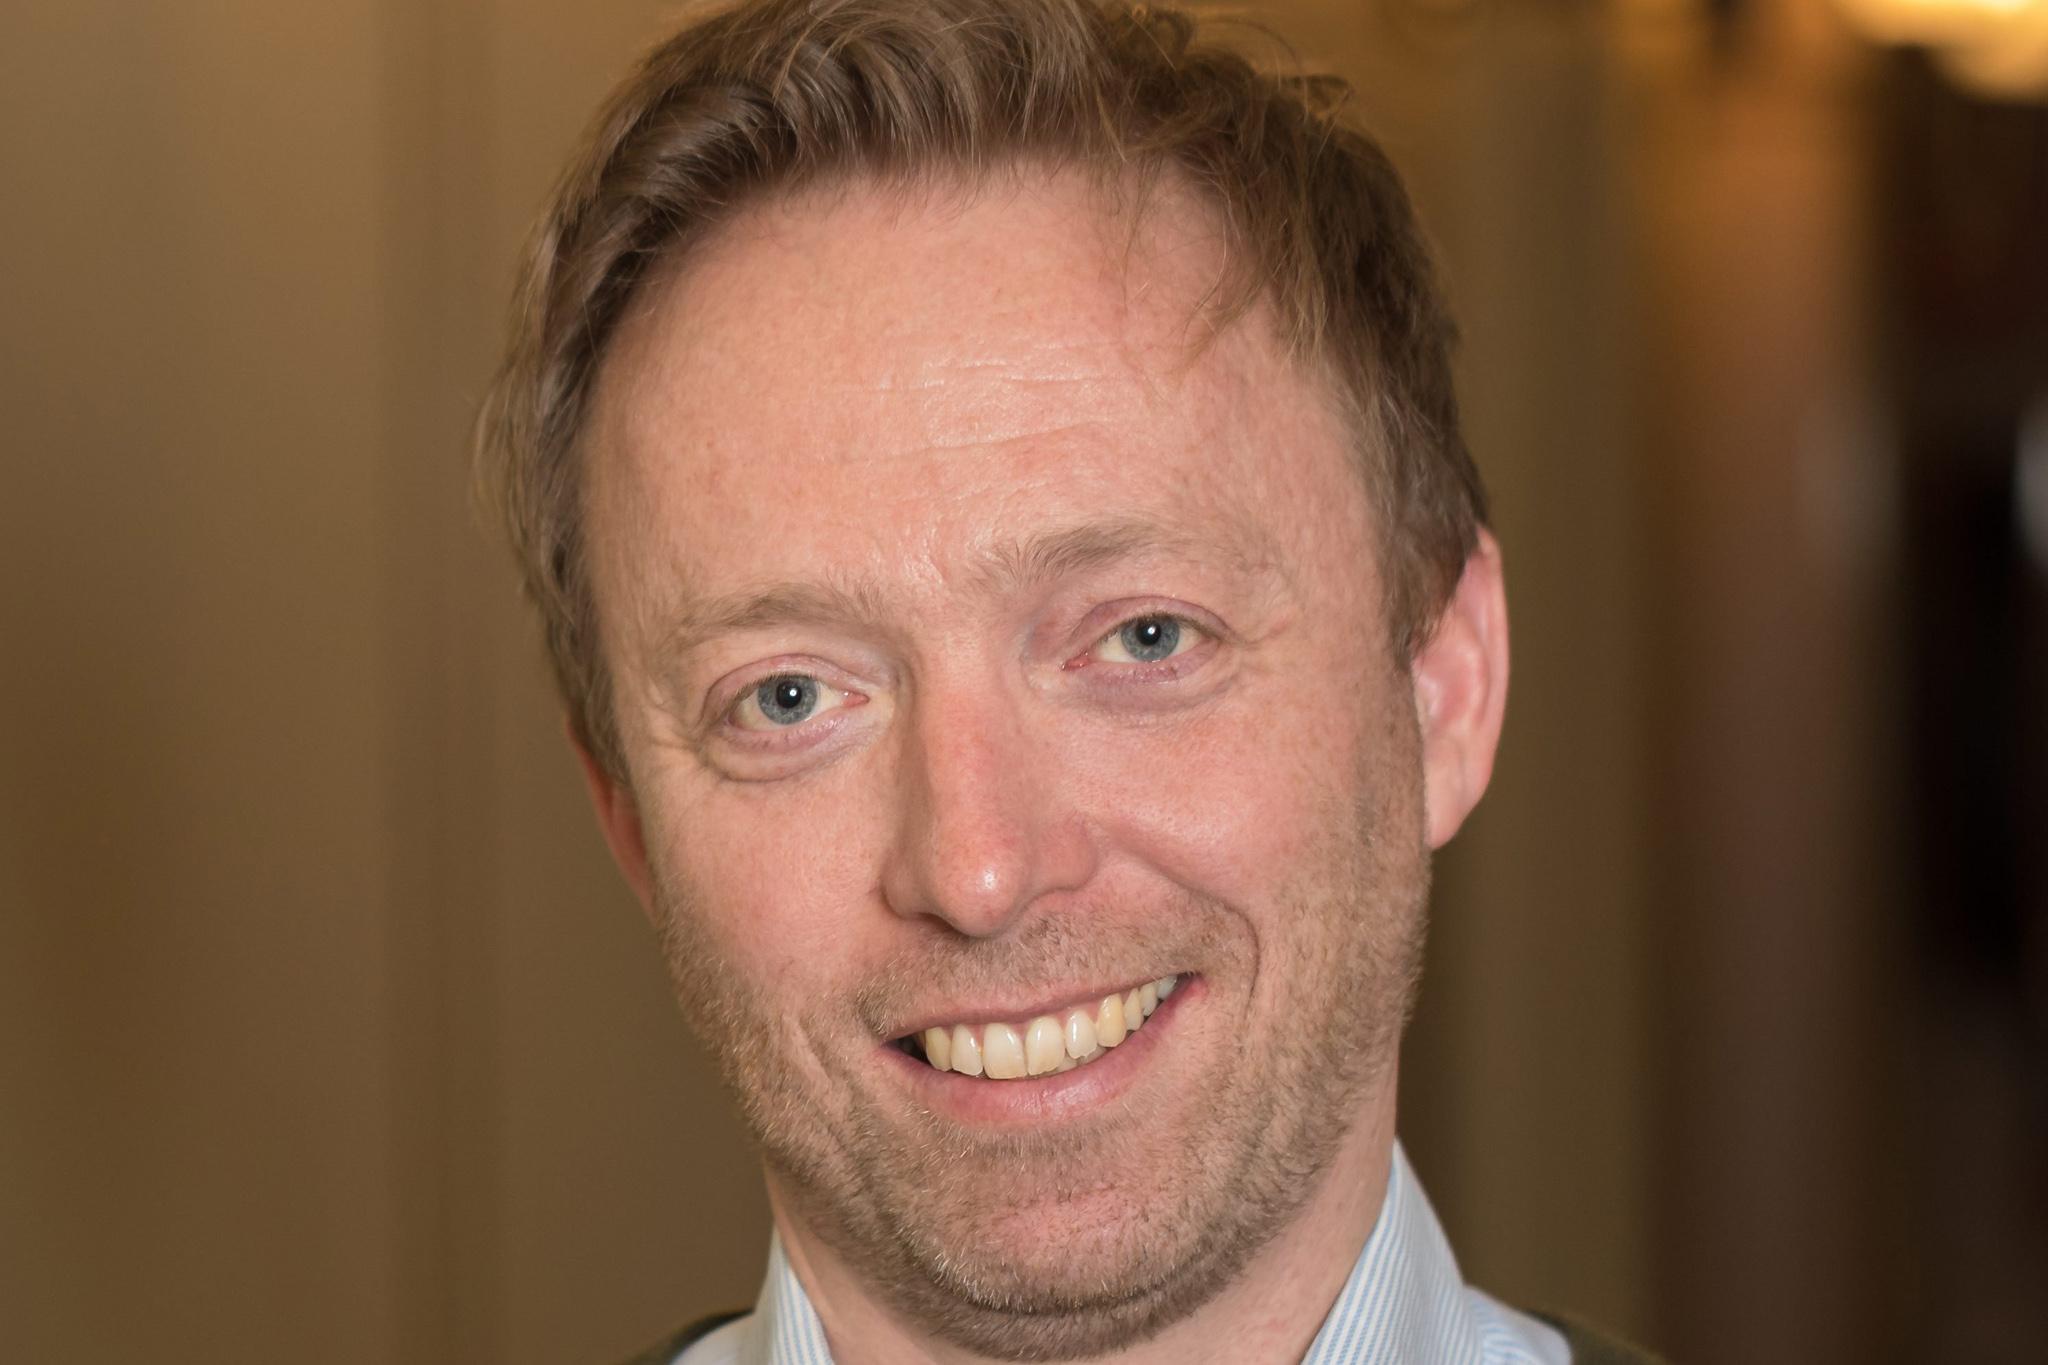 John Ragnar Aarset, generalsekretær i Høgre. Foto: Hans Kristian Thorbjørnsen